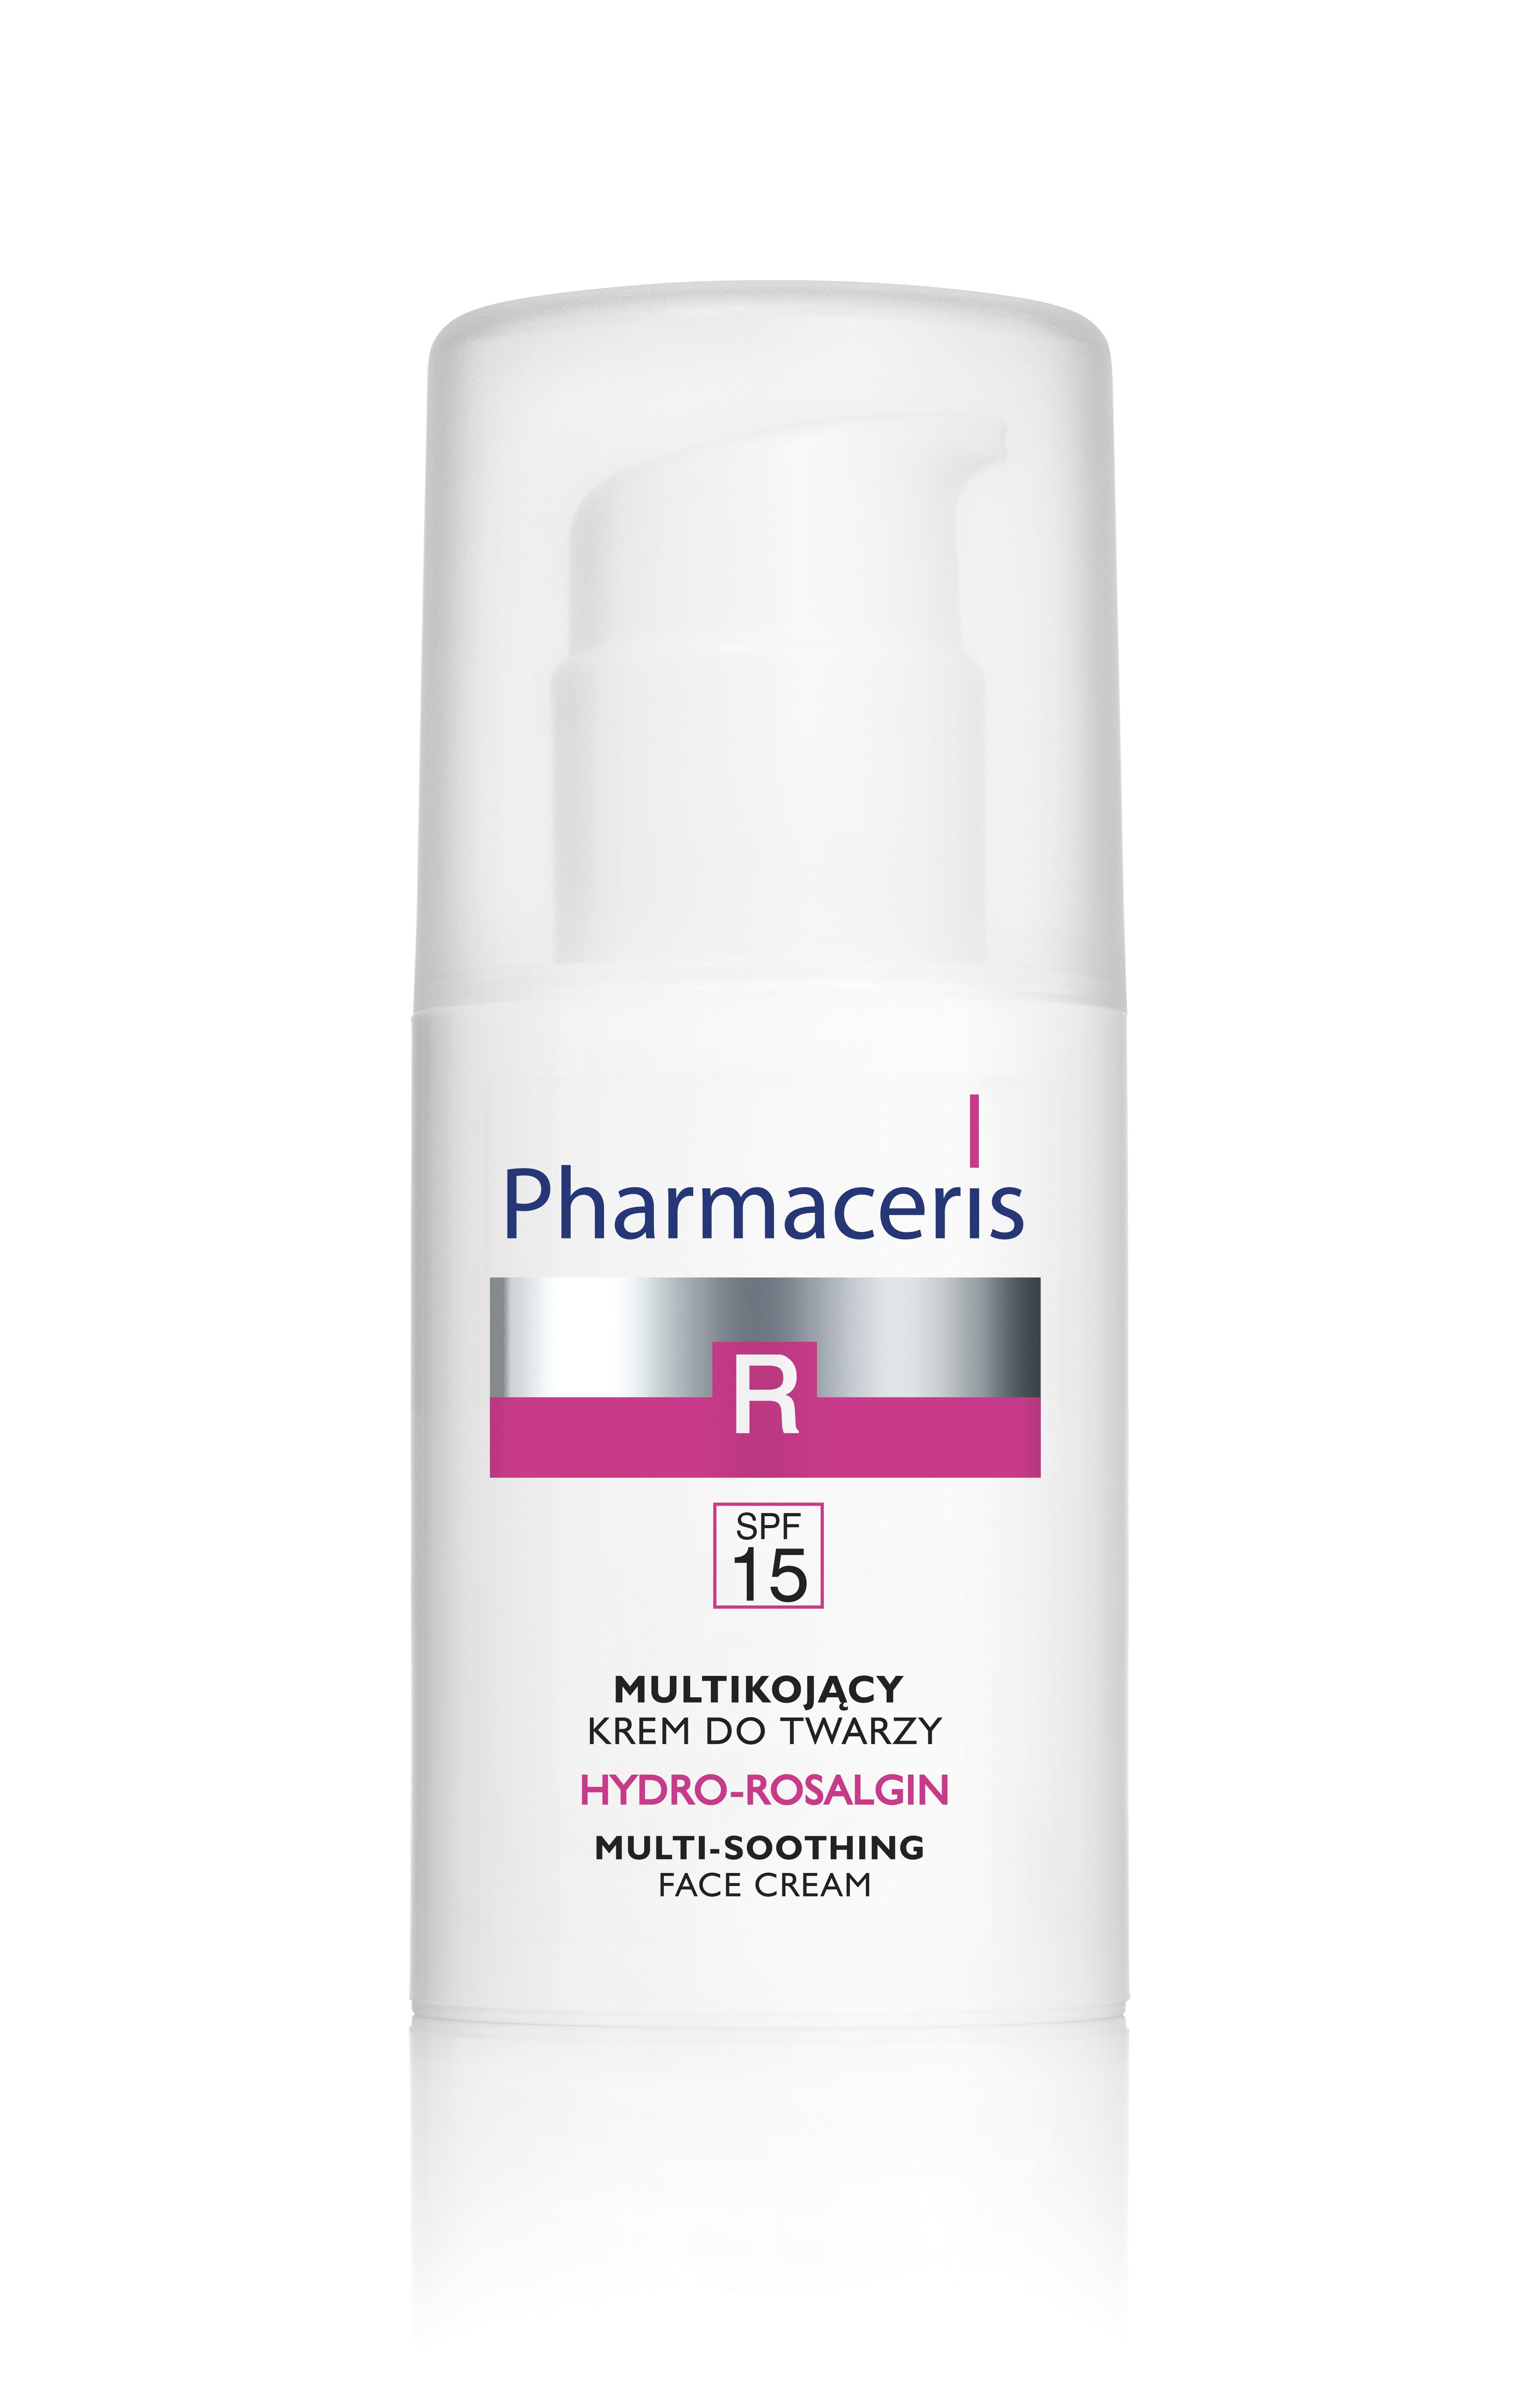 HYDRO-ROSALGIN Multikojący krem do twarzy dla skóry tłustej, mieszanej i wrażliwej SPF 15